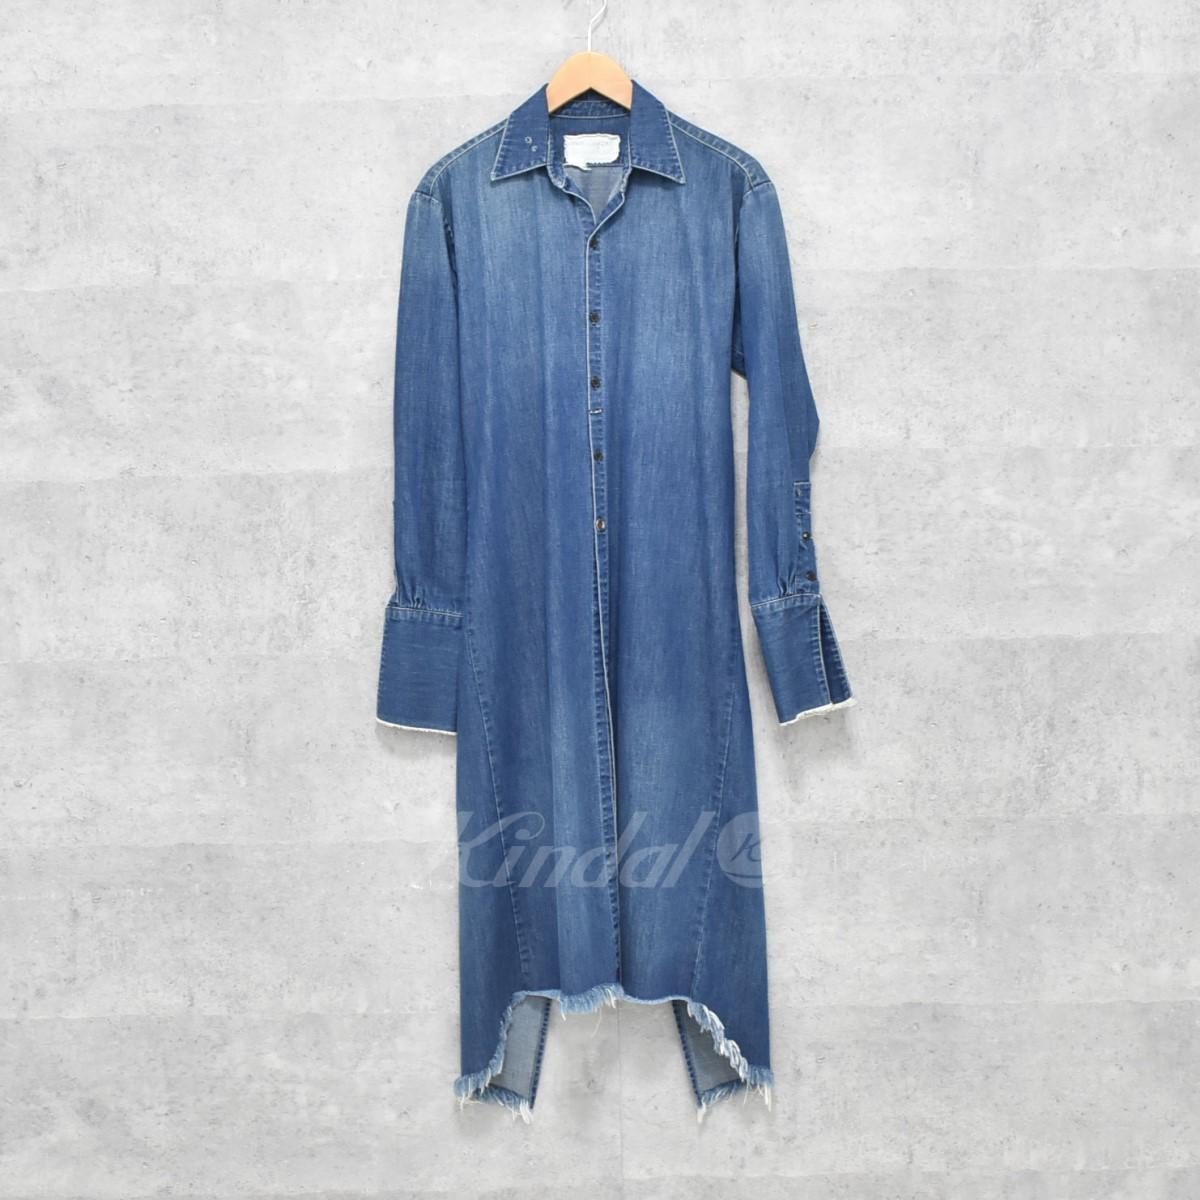 【中古】GREG LAUREN Collared Long Denim Studio Shirt ロングデニムシャツ インディゴ サイズ:0 【送料無料】 【261018】(グレッグローレン)